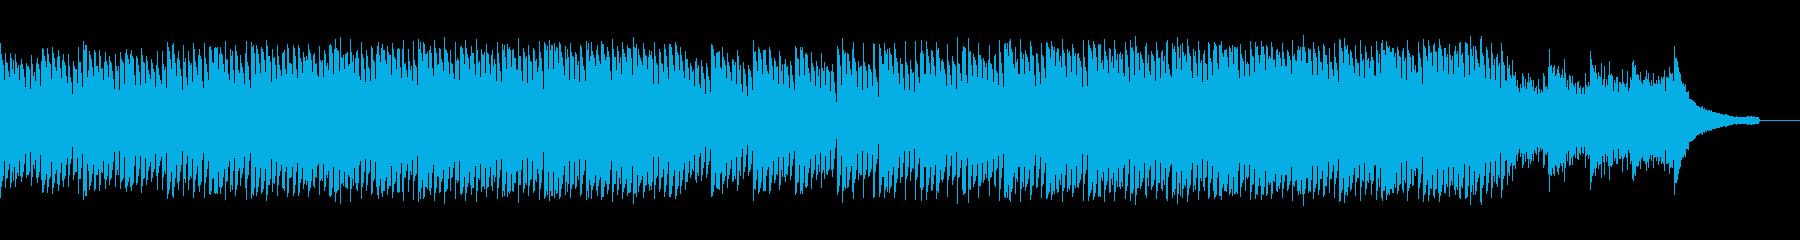 企業VP会社紹介透明感爽やか疾走感A11の再生済みの波形